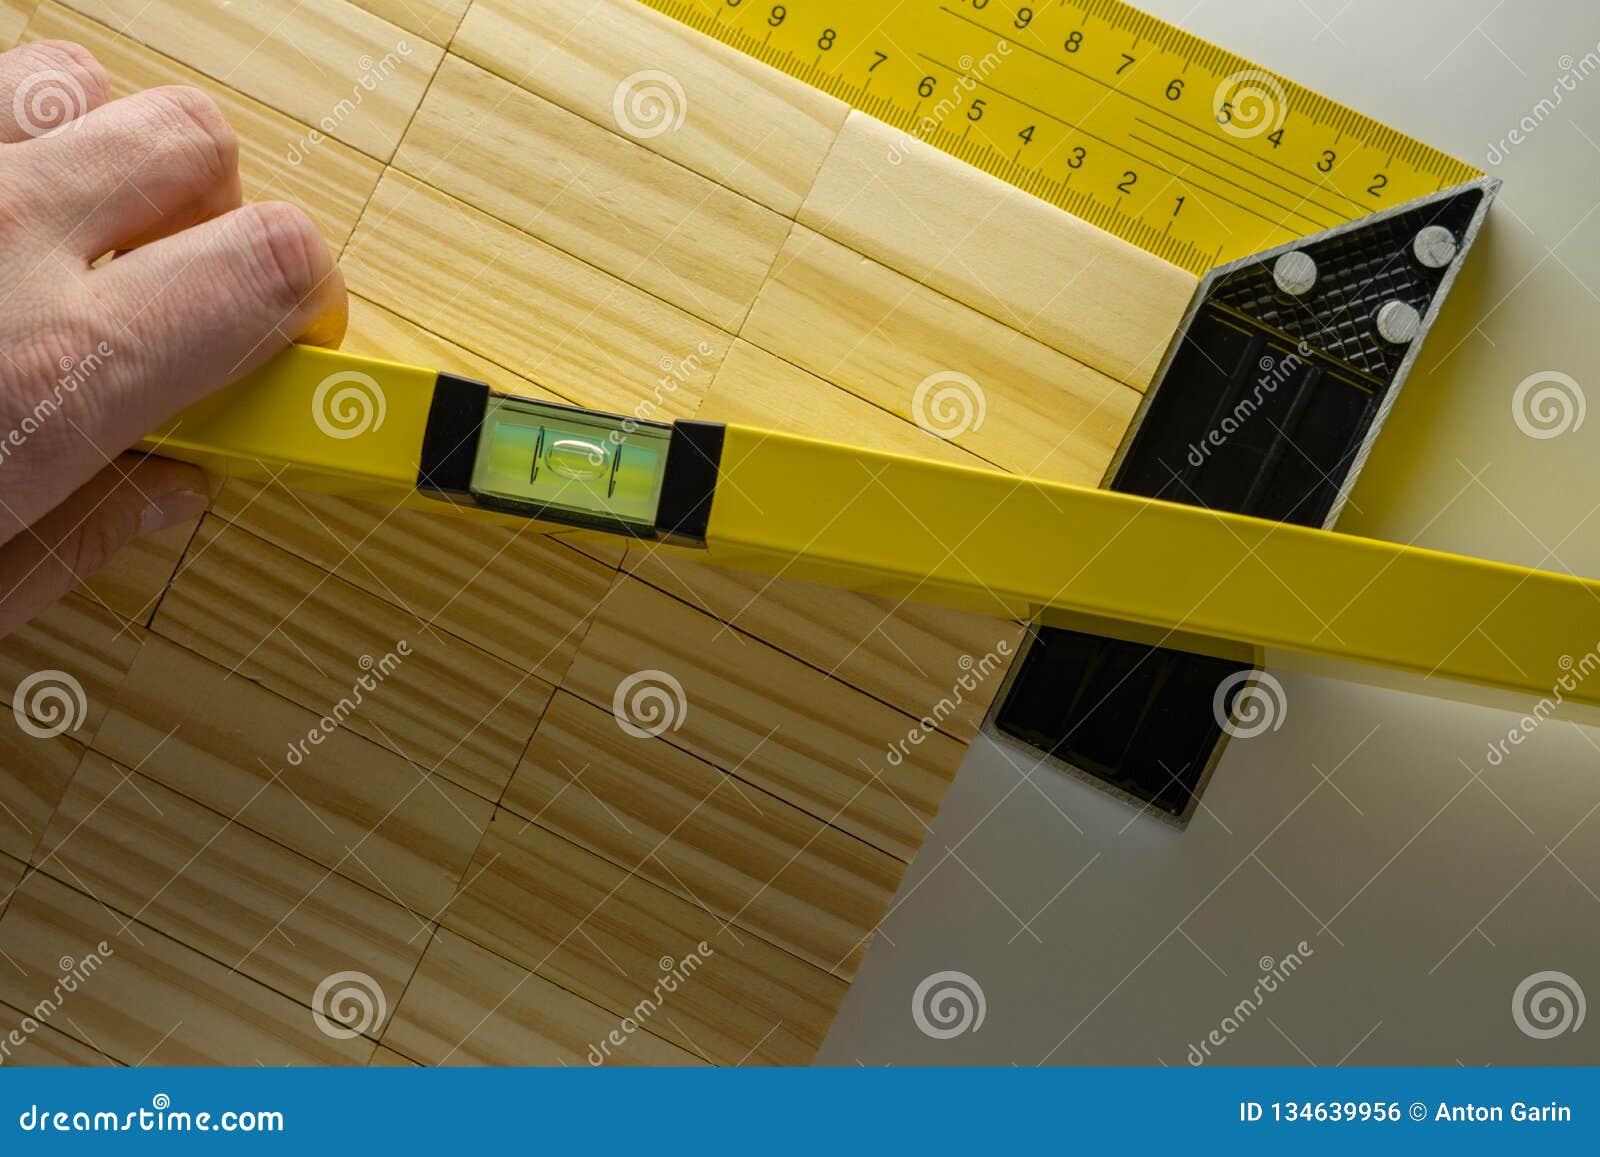 Controlerend het niveau van de lijst, hand met de bouw van niveau of waterpas en houten blokkenlijst